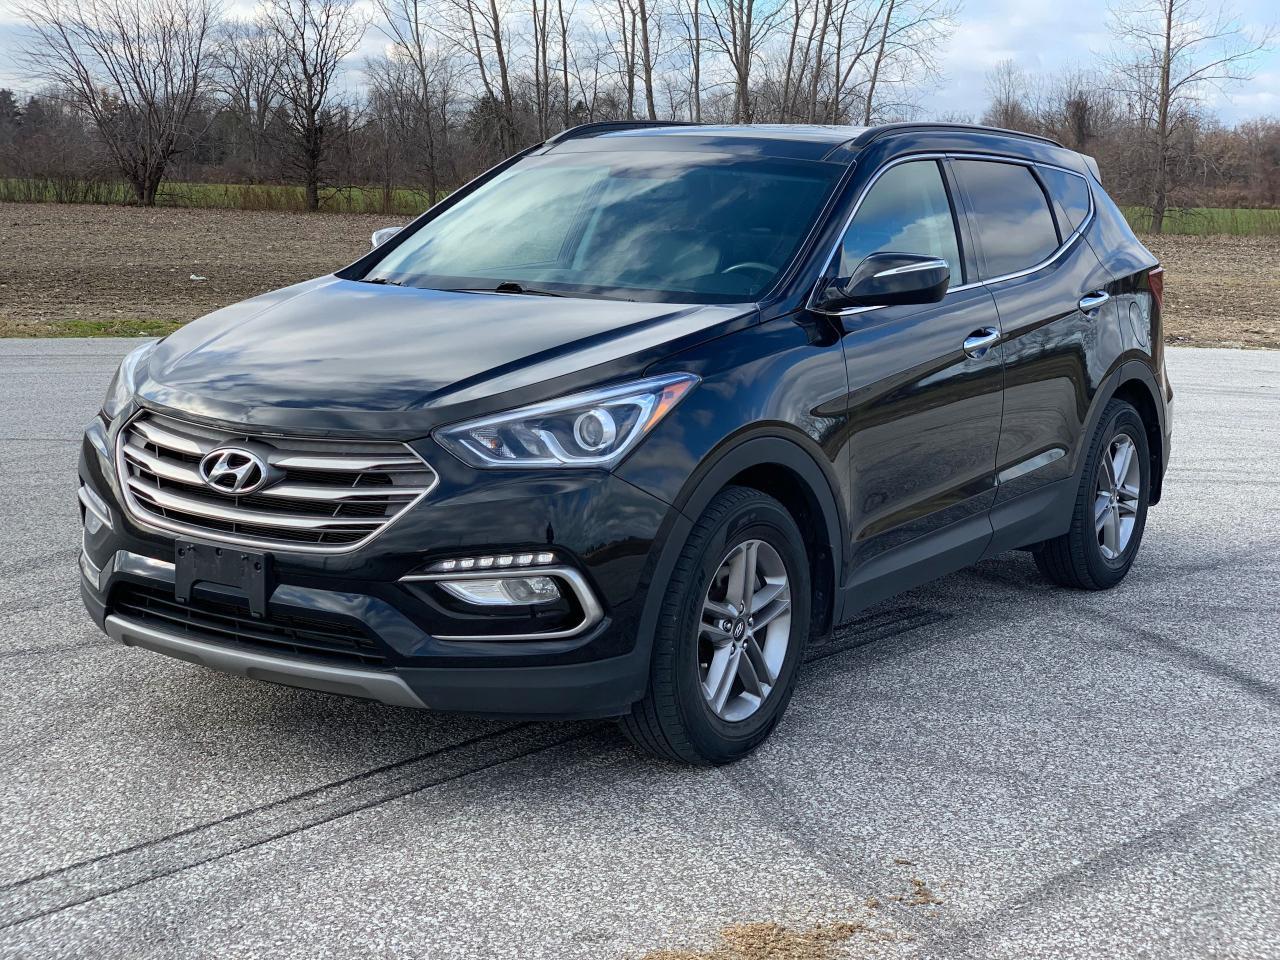 2017 Hyundai Santa Fe Luxury